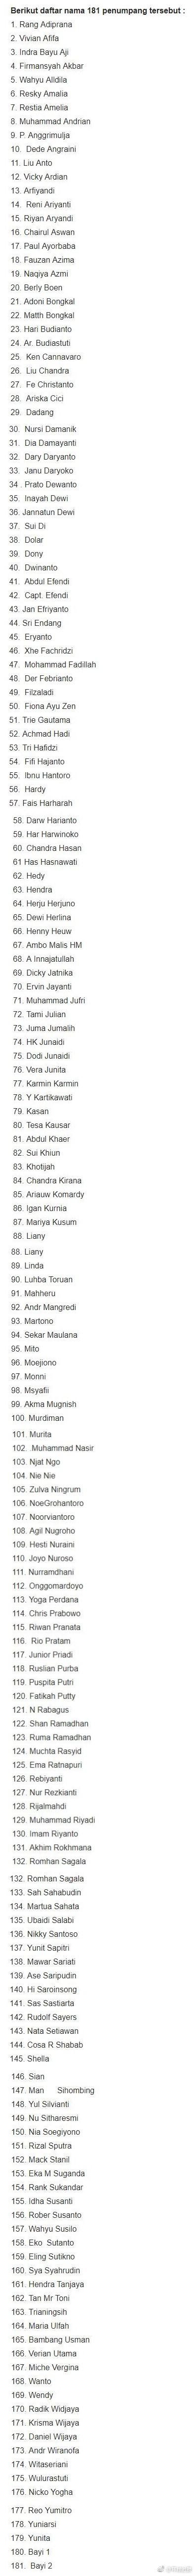 印尼坠机遇难名单 印尼坠机全部189人遇难者名单公布